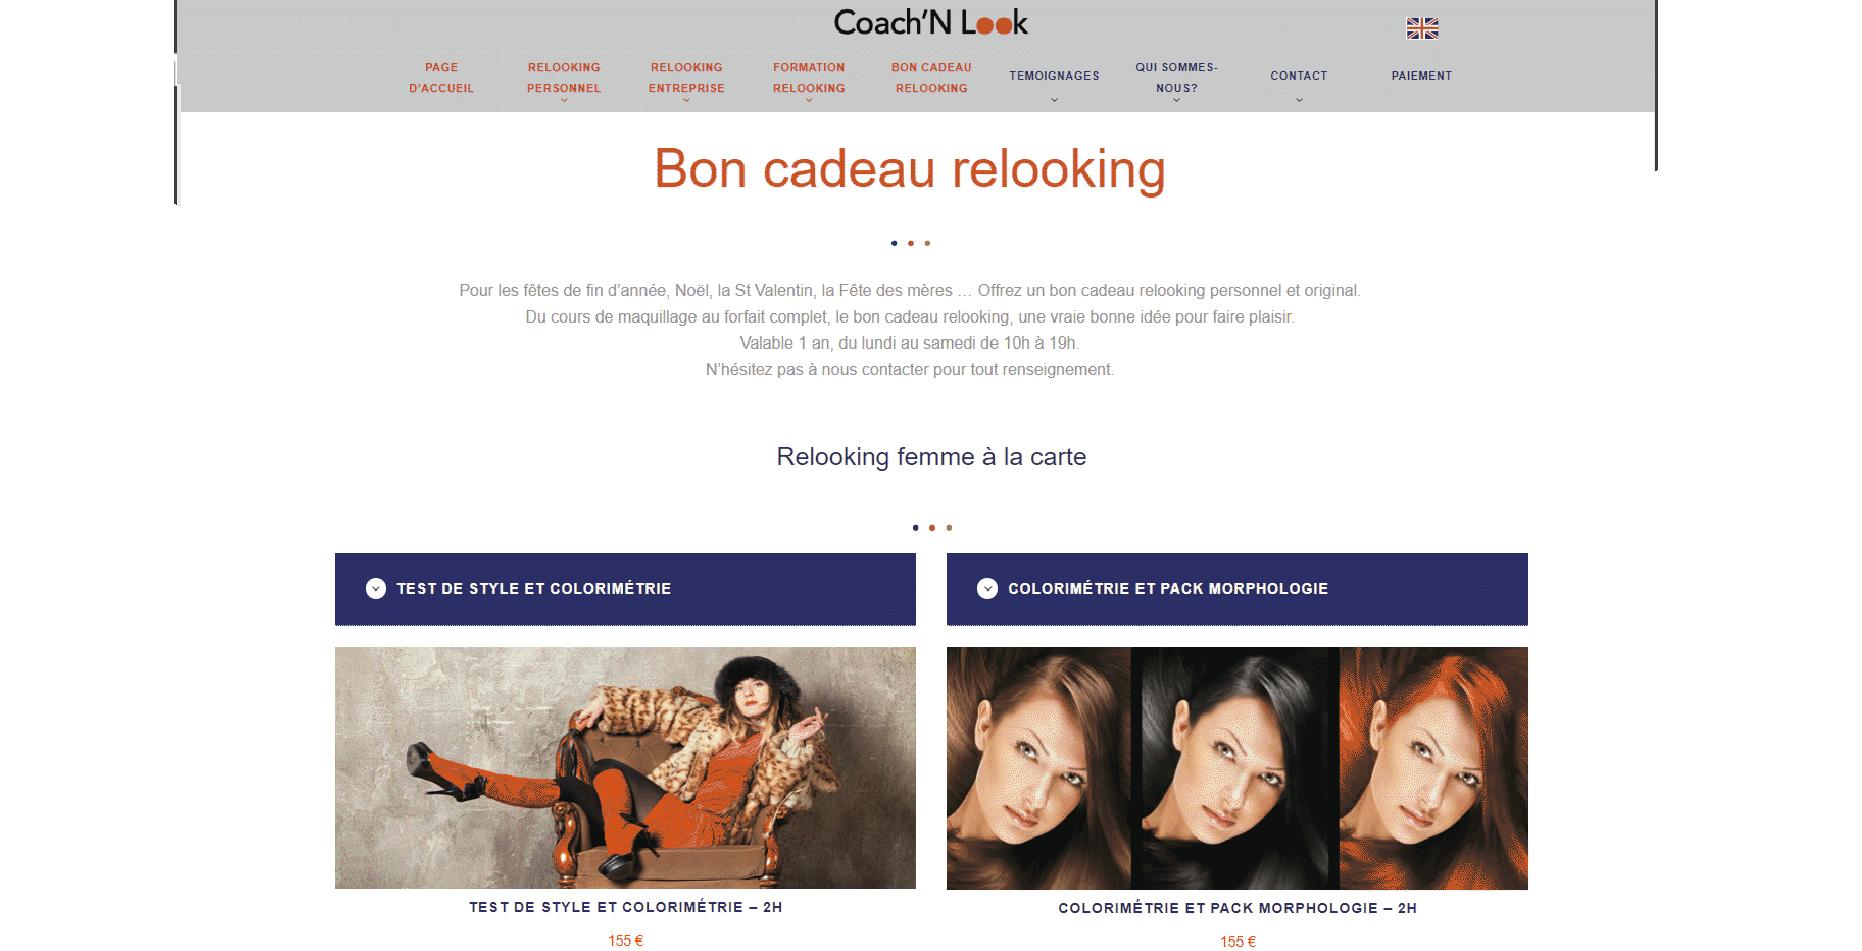 site relooking image coach n look paris